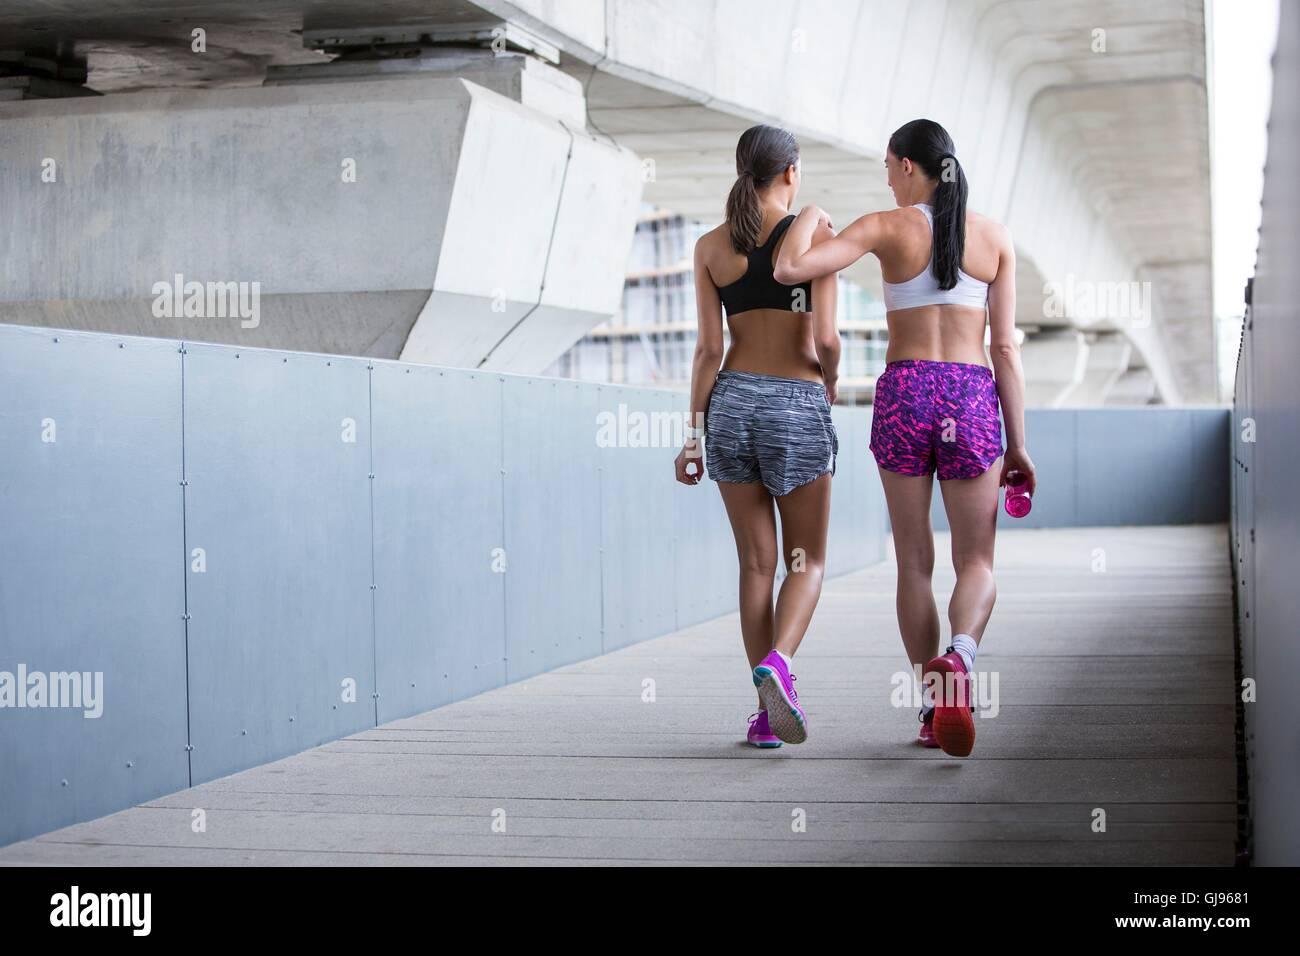 Parution du modèle. Deux jeunes femmes en vêtements sports marche loin. Photo Stock